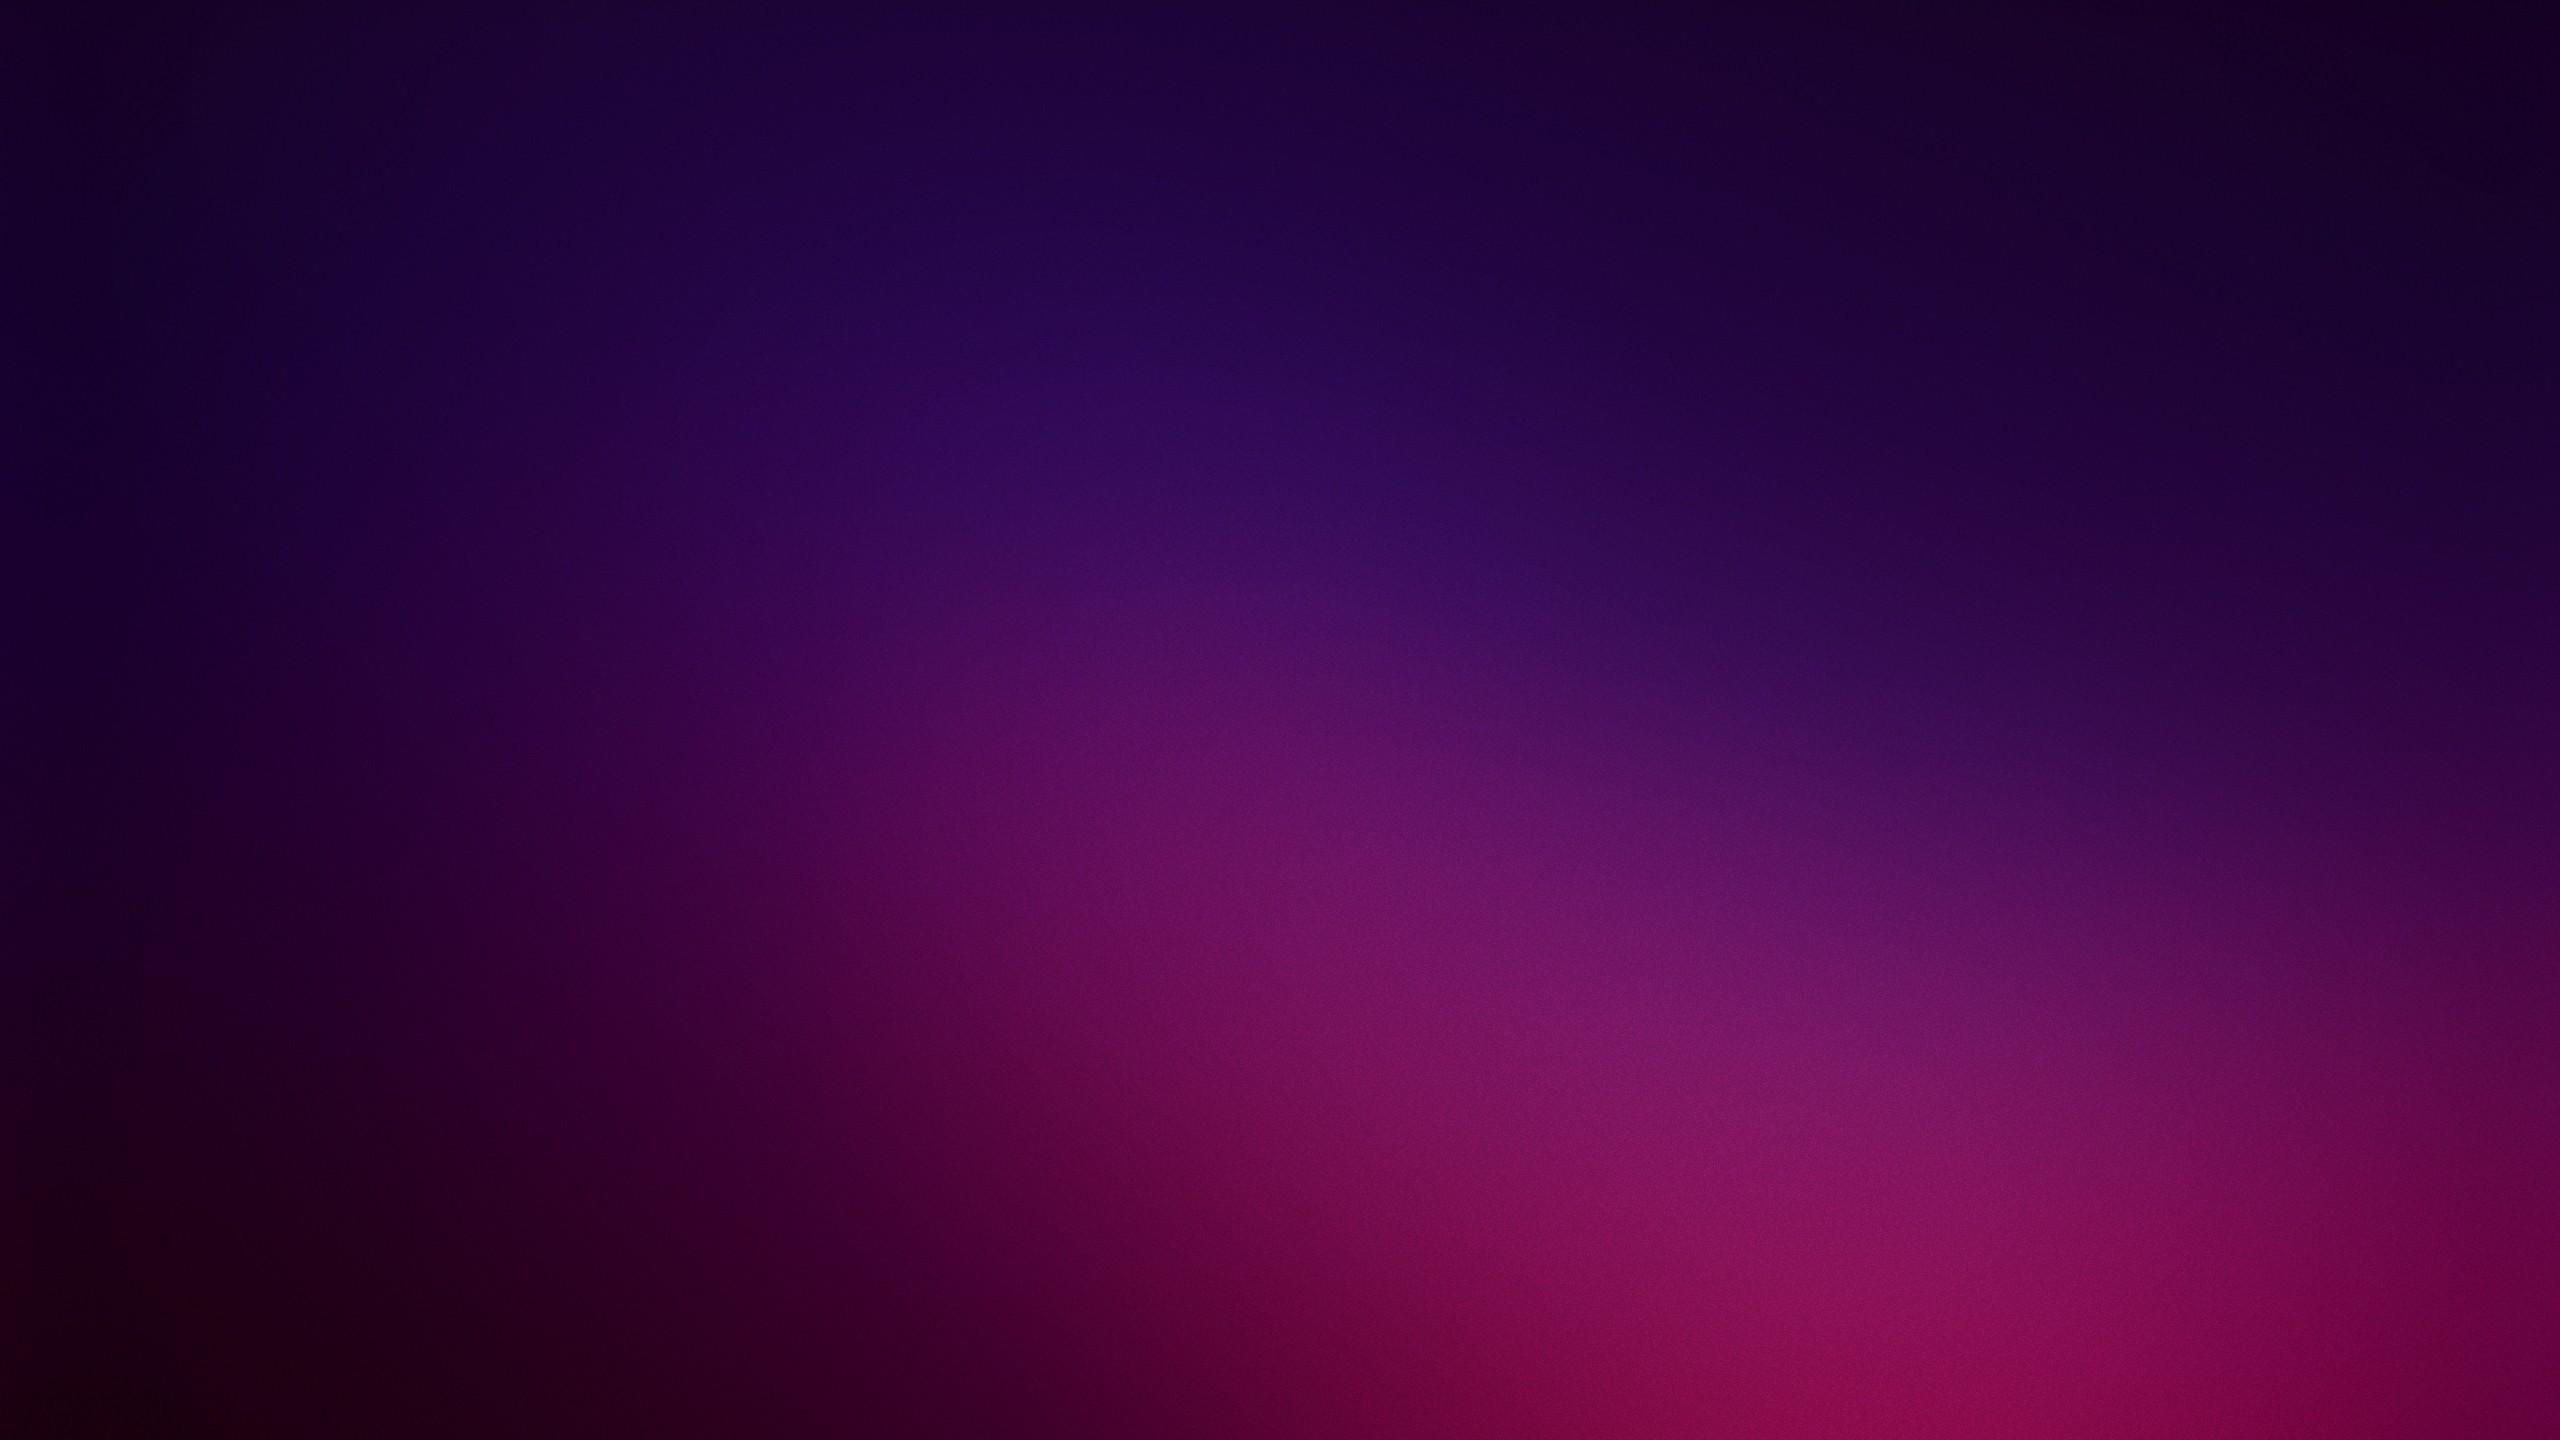 wallpaper colors hd ✓ labzada wallpaper